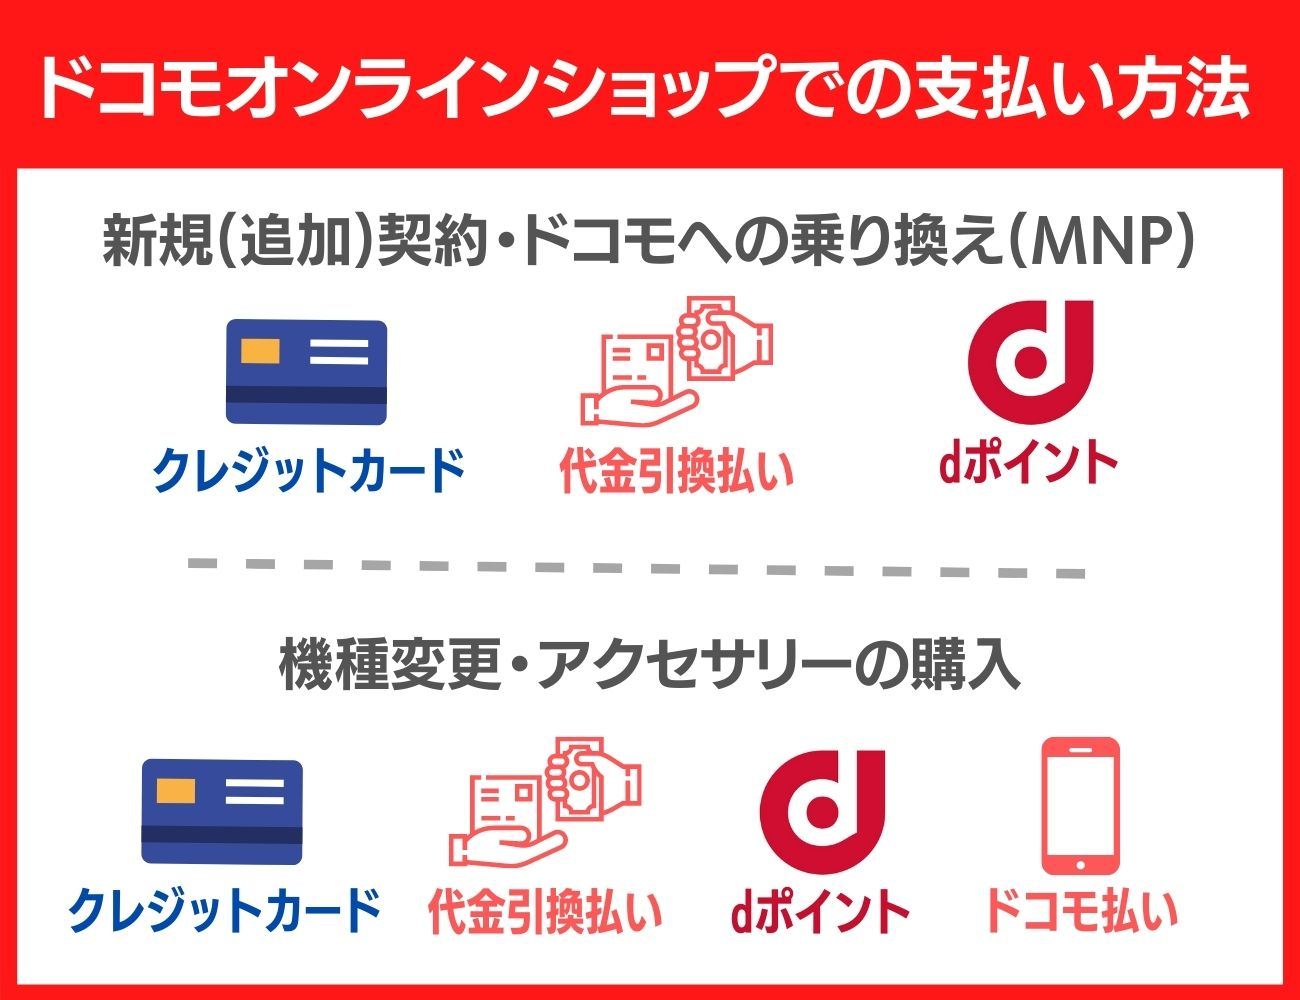 ドコモオンラインショップで使える支払い方法